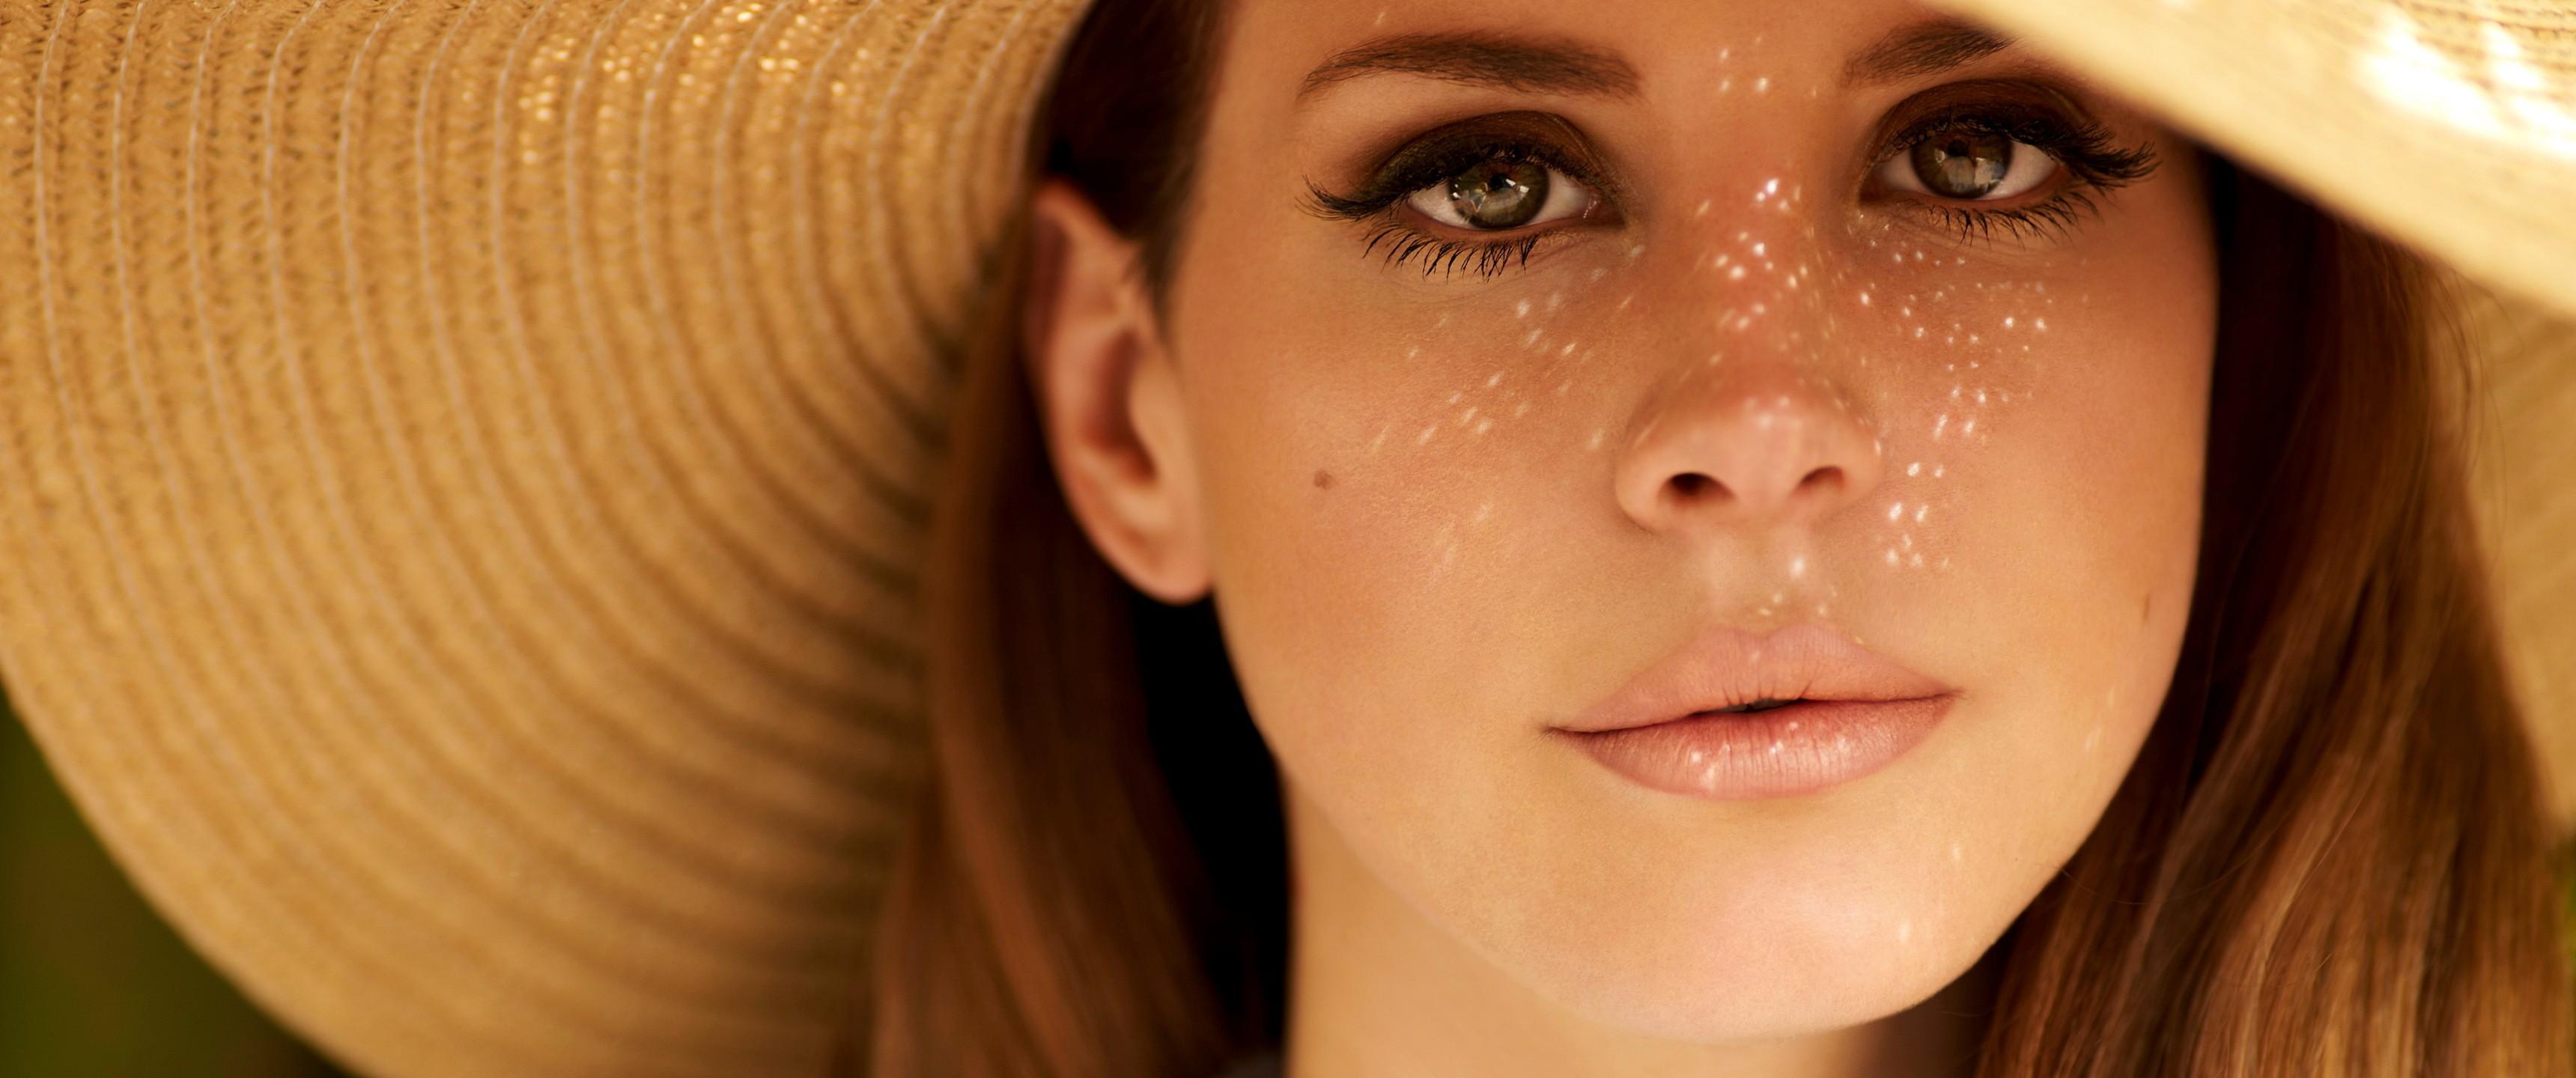 Wallpaper Face Women Model Singer Blue Mouth Nose: Wallpaper : Face, Women, Redhead, Model, Looking At Viewer